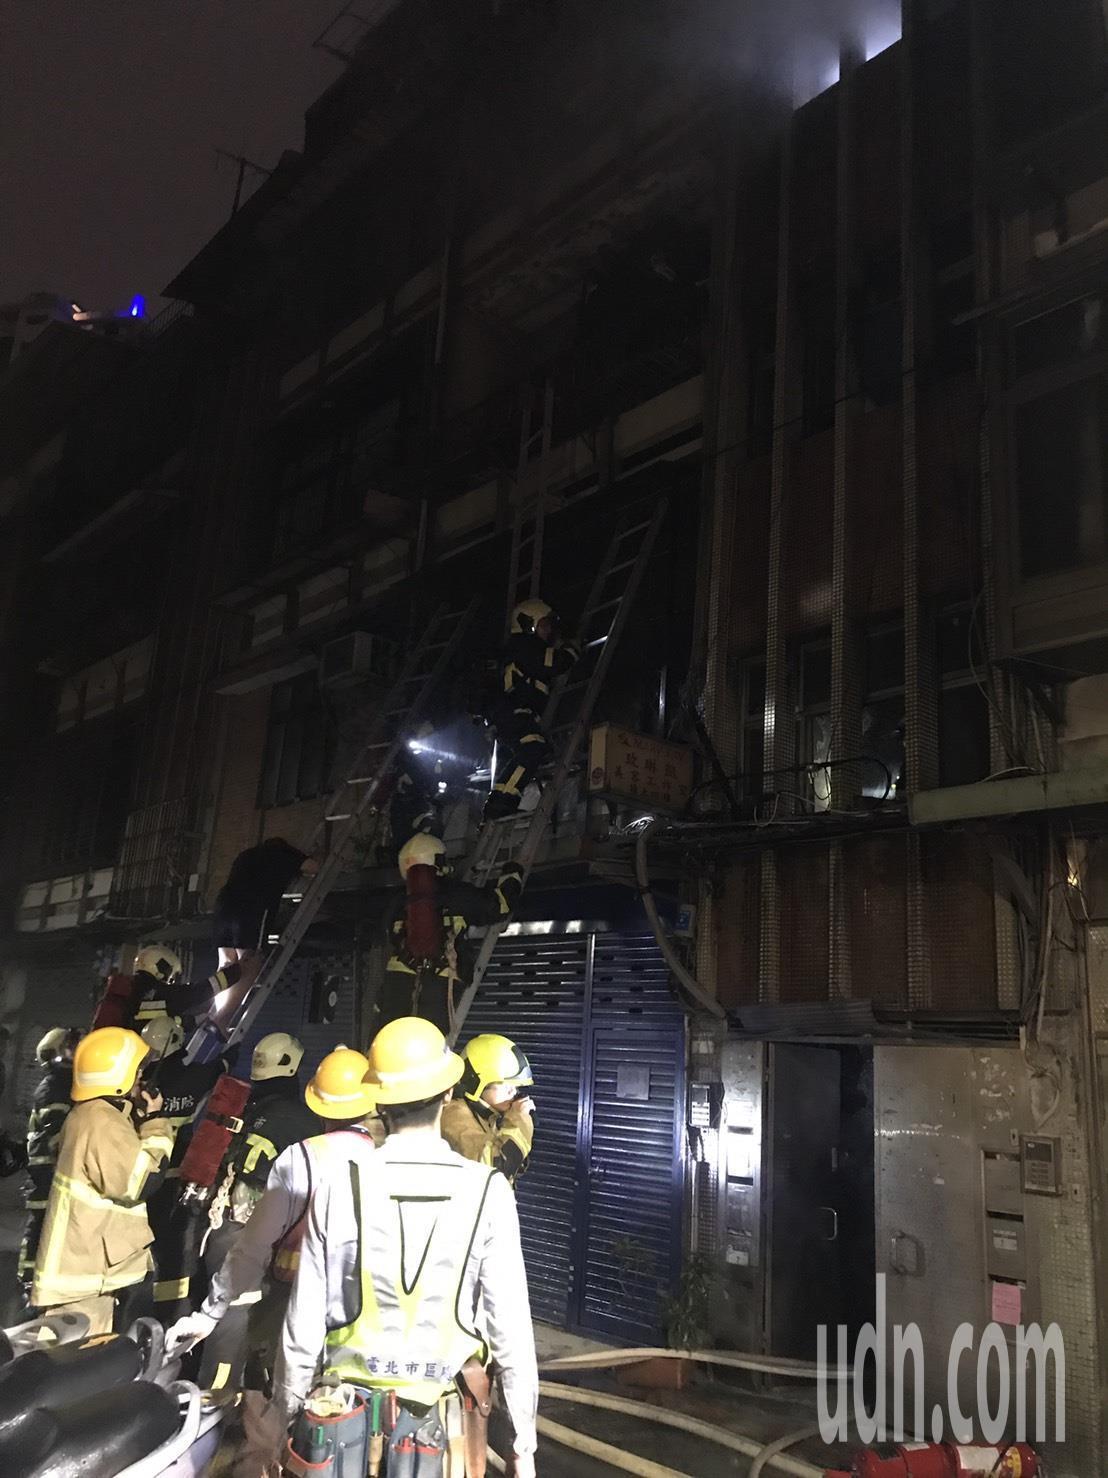 50 年的老公寓今晚驚傳爆炸起火燃燒。記者蕭雅娟/攝影